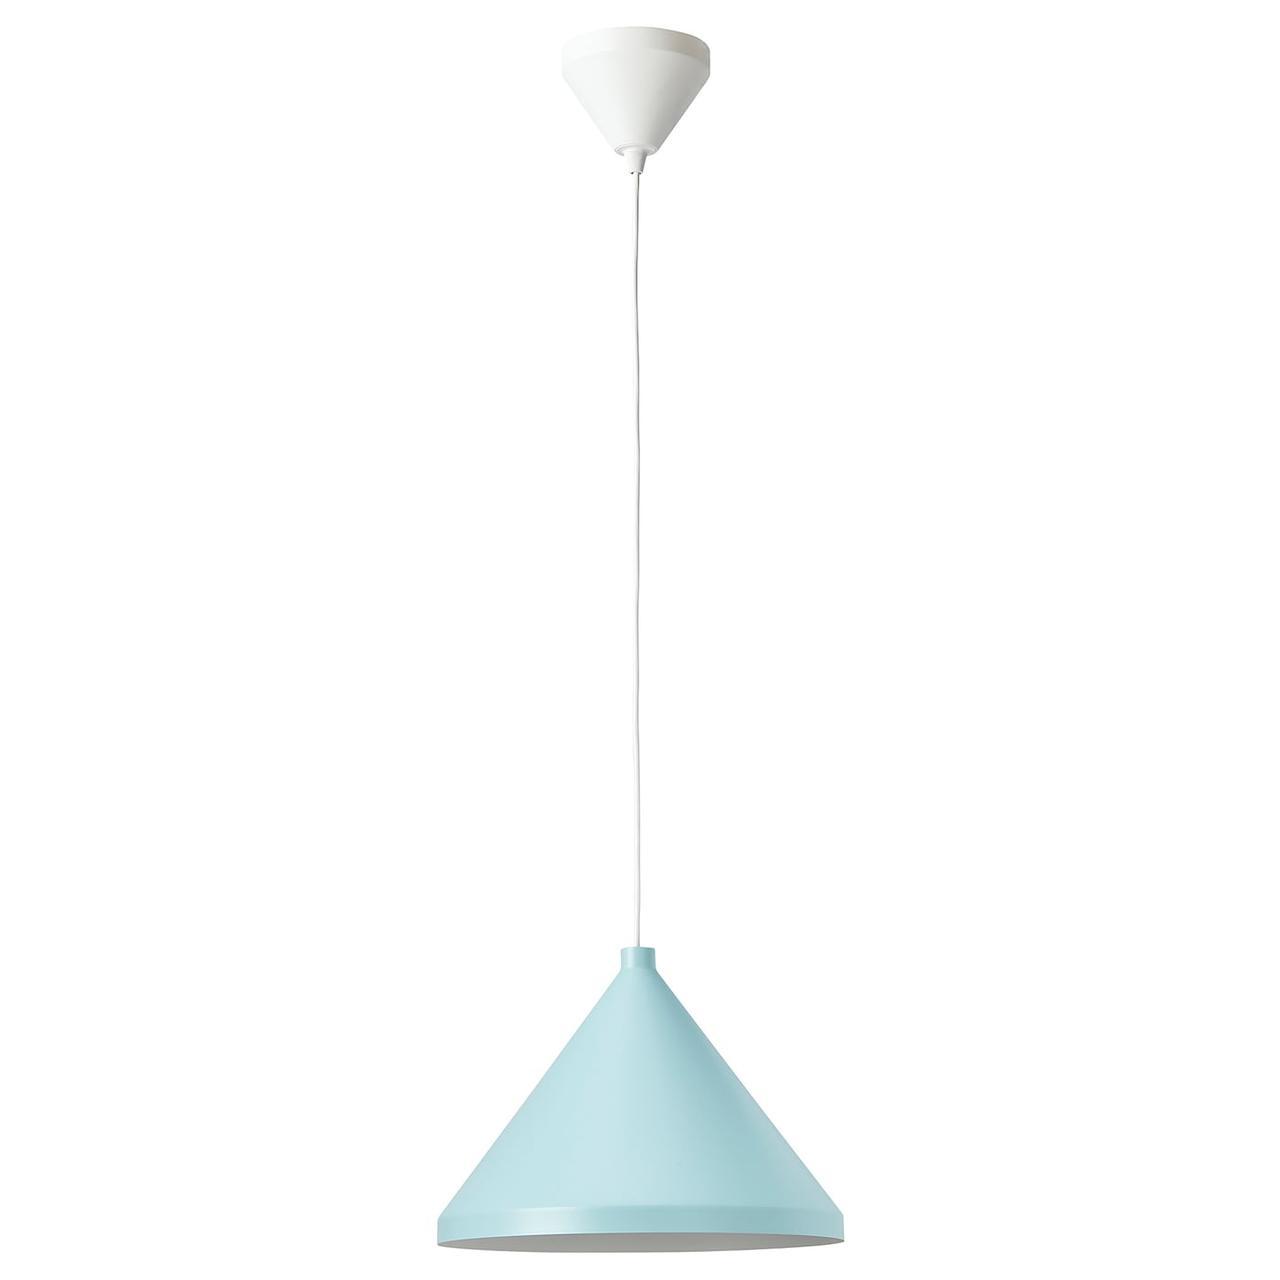 IKEA NÄVLINGE Підвісний світильник, світло-блакитний 33 см